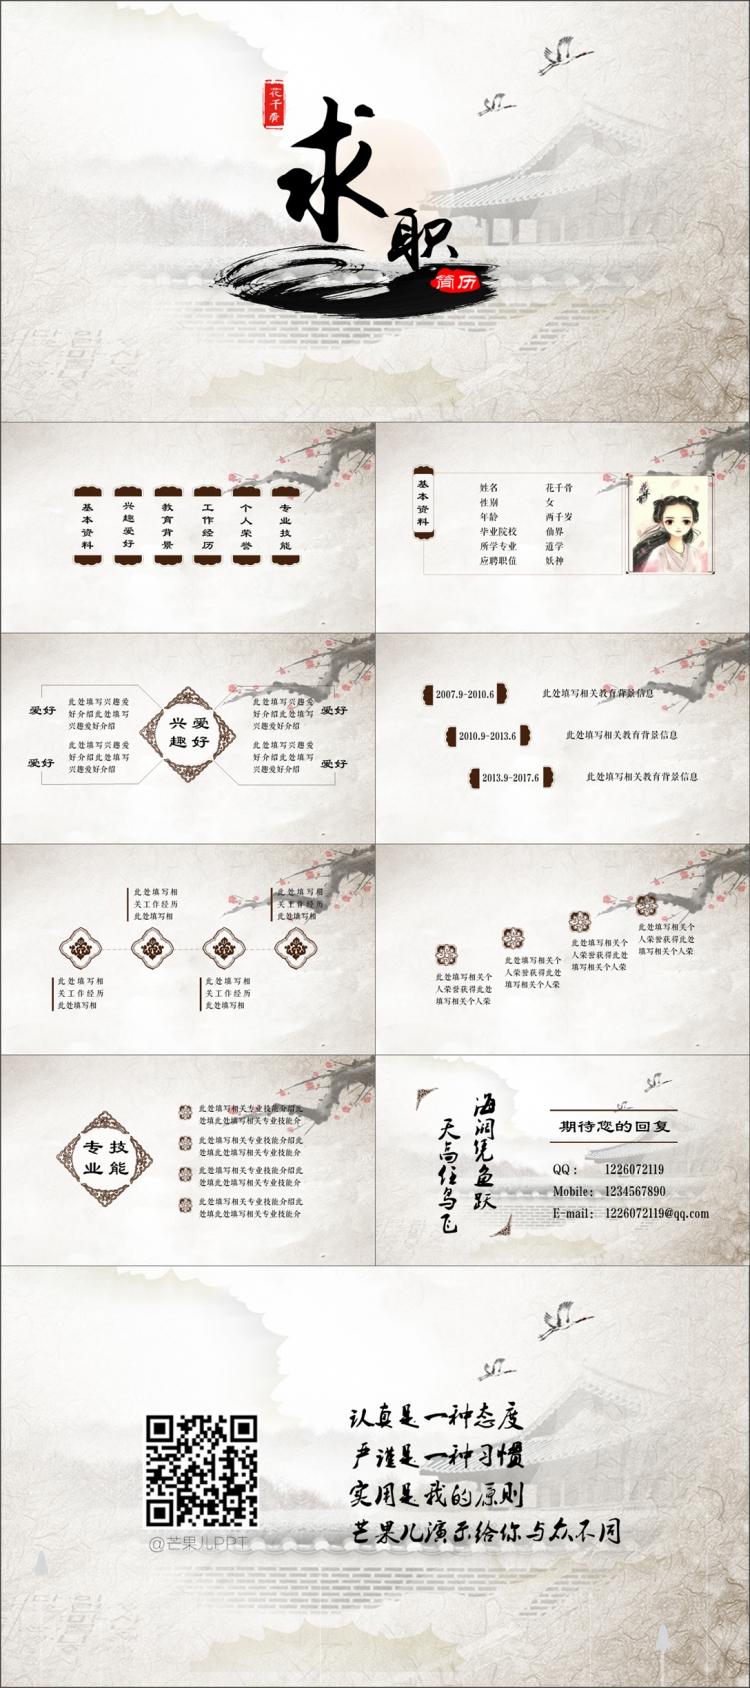 中国风简历及工作述职模版